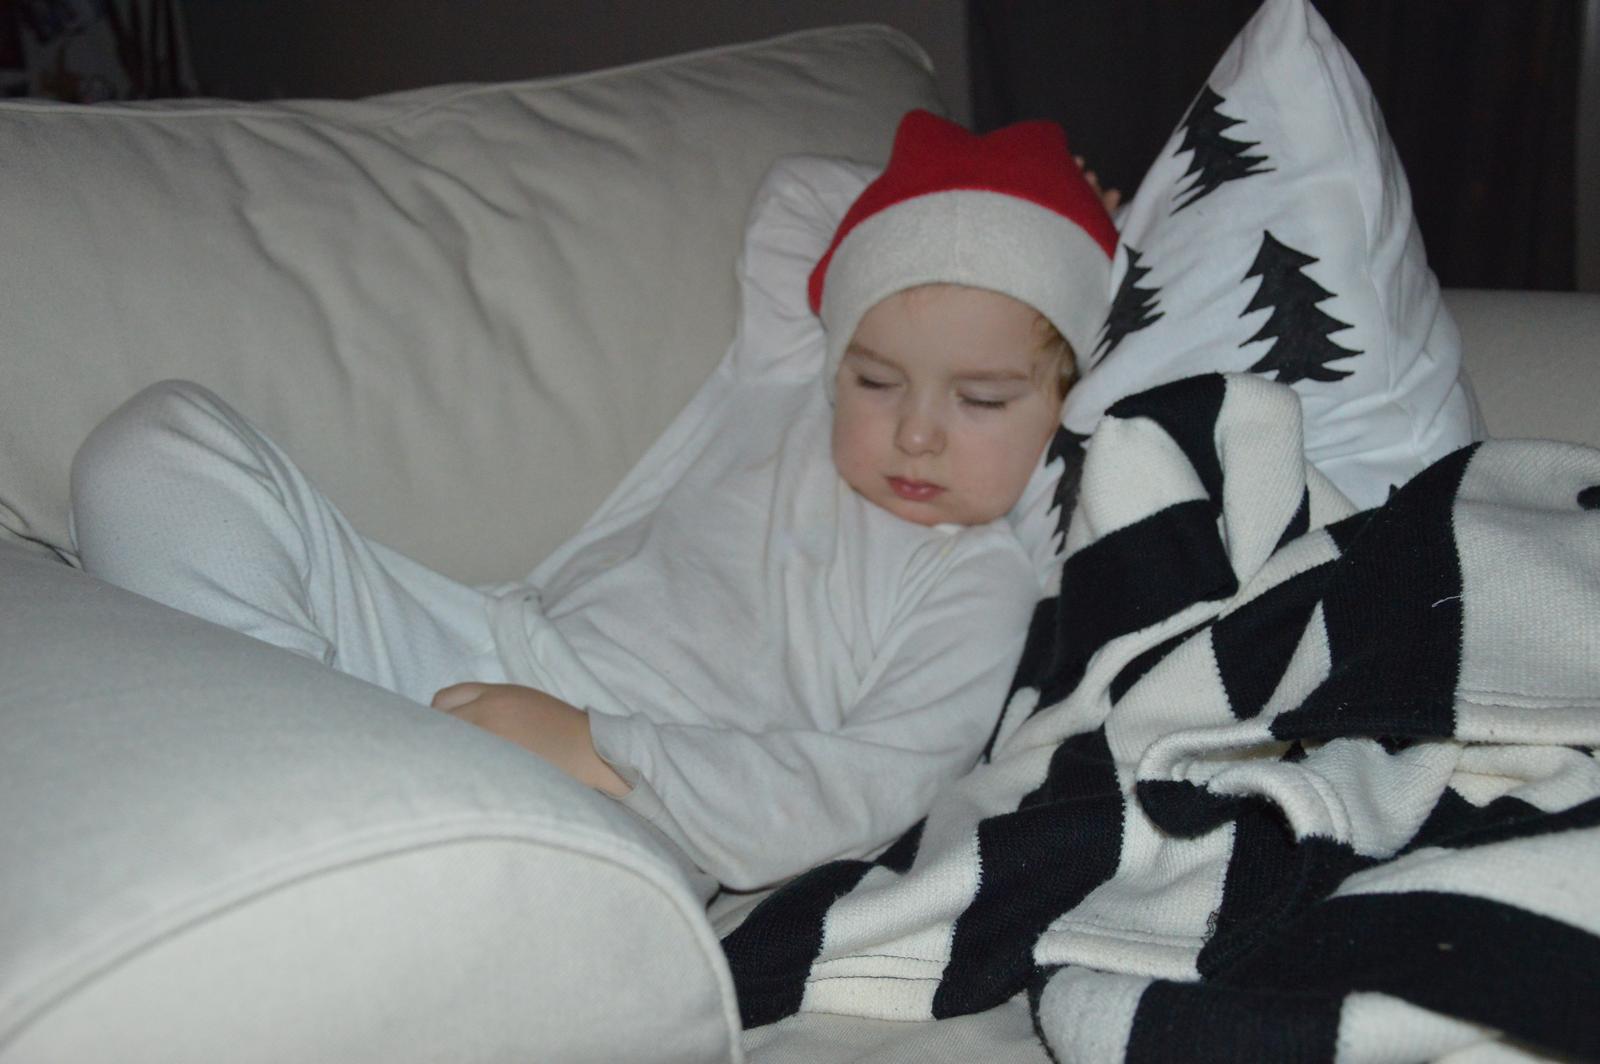 Home sweet home...... - ...dôkaz, že vankúš nie je len na ozdobu :-D ...drobec zmorený celodenným upratovaním...a vianočnú náladu nám robí neustálym nosením mikulášskej čiapky:-)